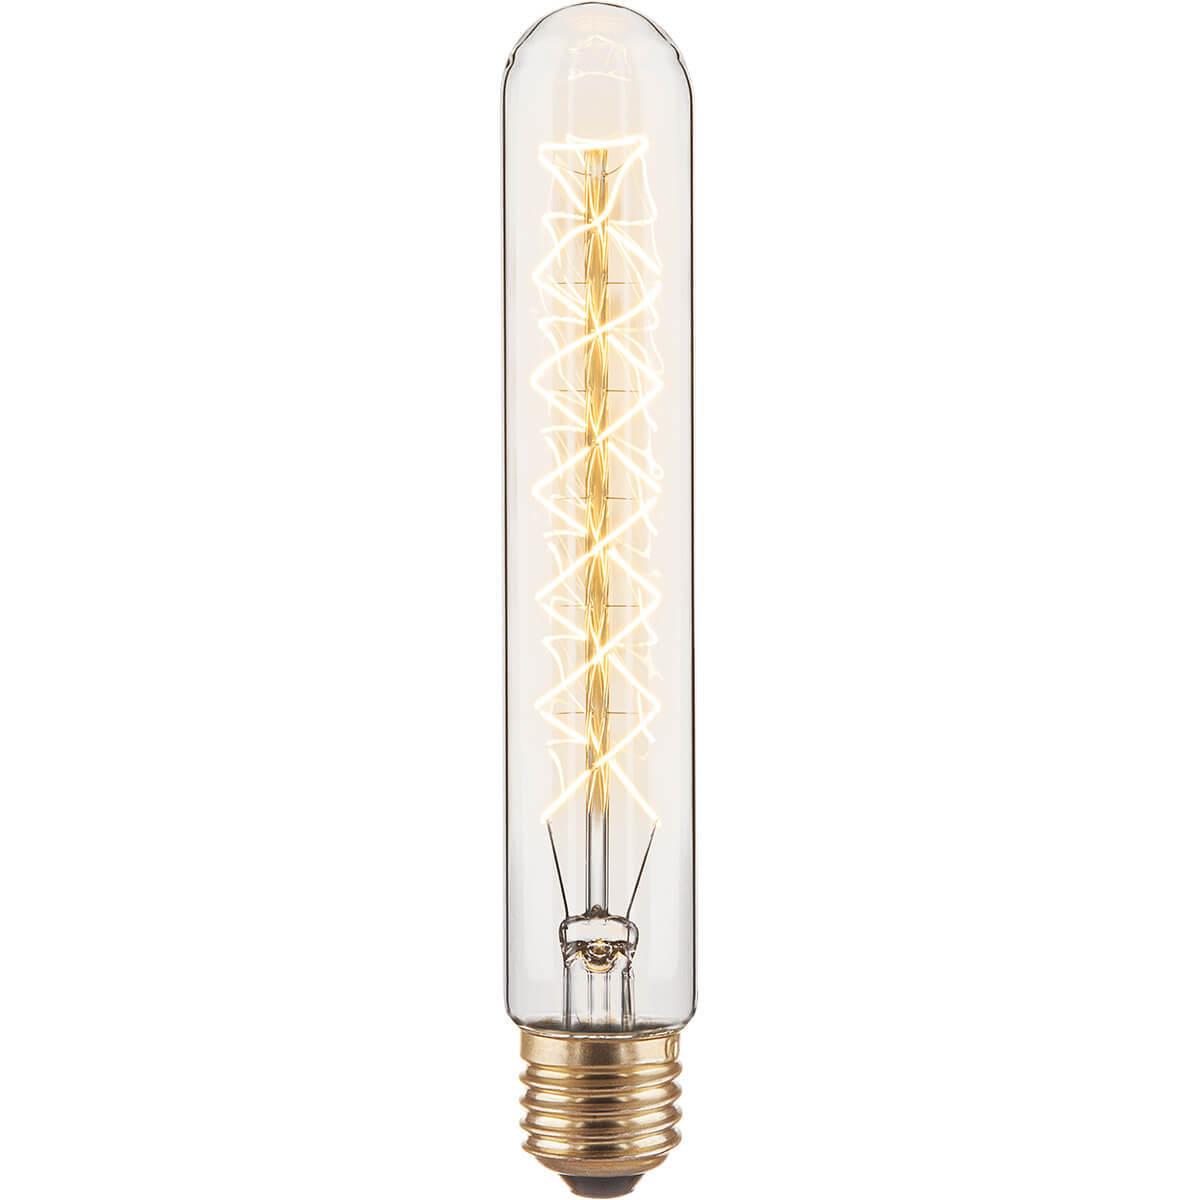 Лампочка Elektrostandard 4690389082146 Ретро лампа Эдисона (Диммирование)